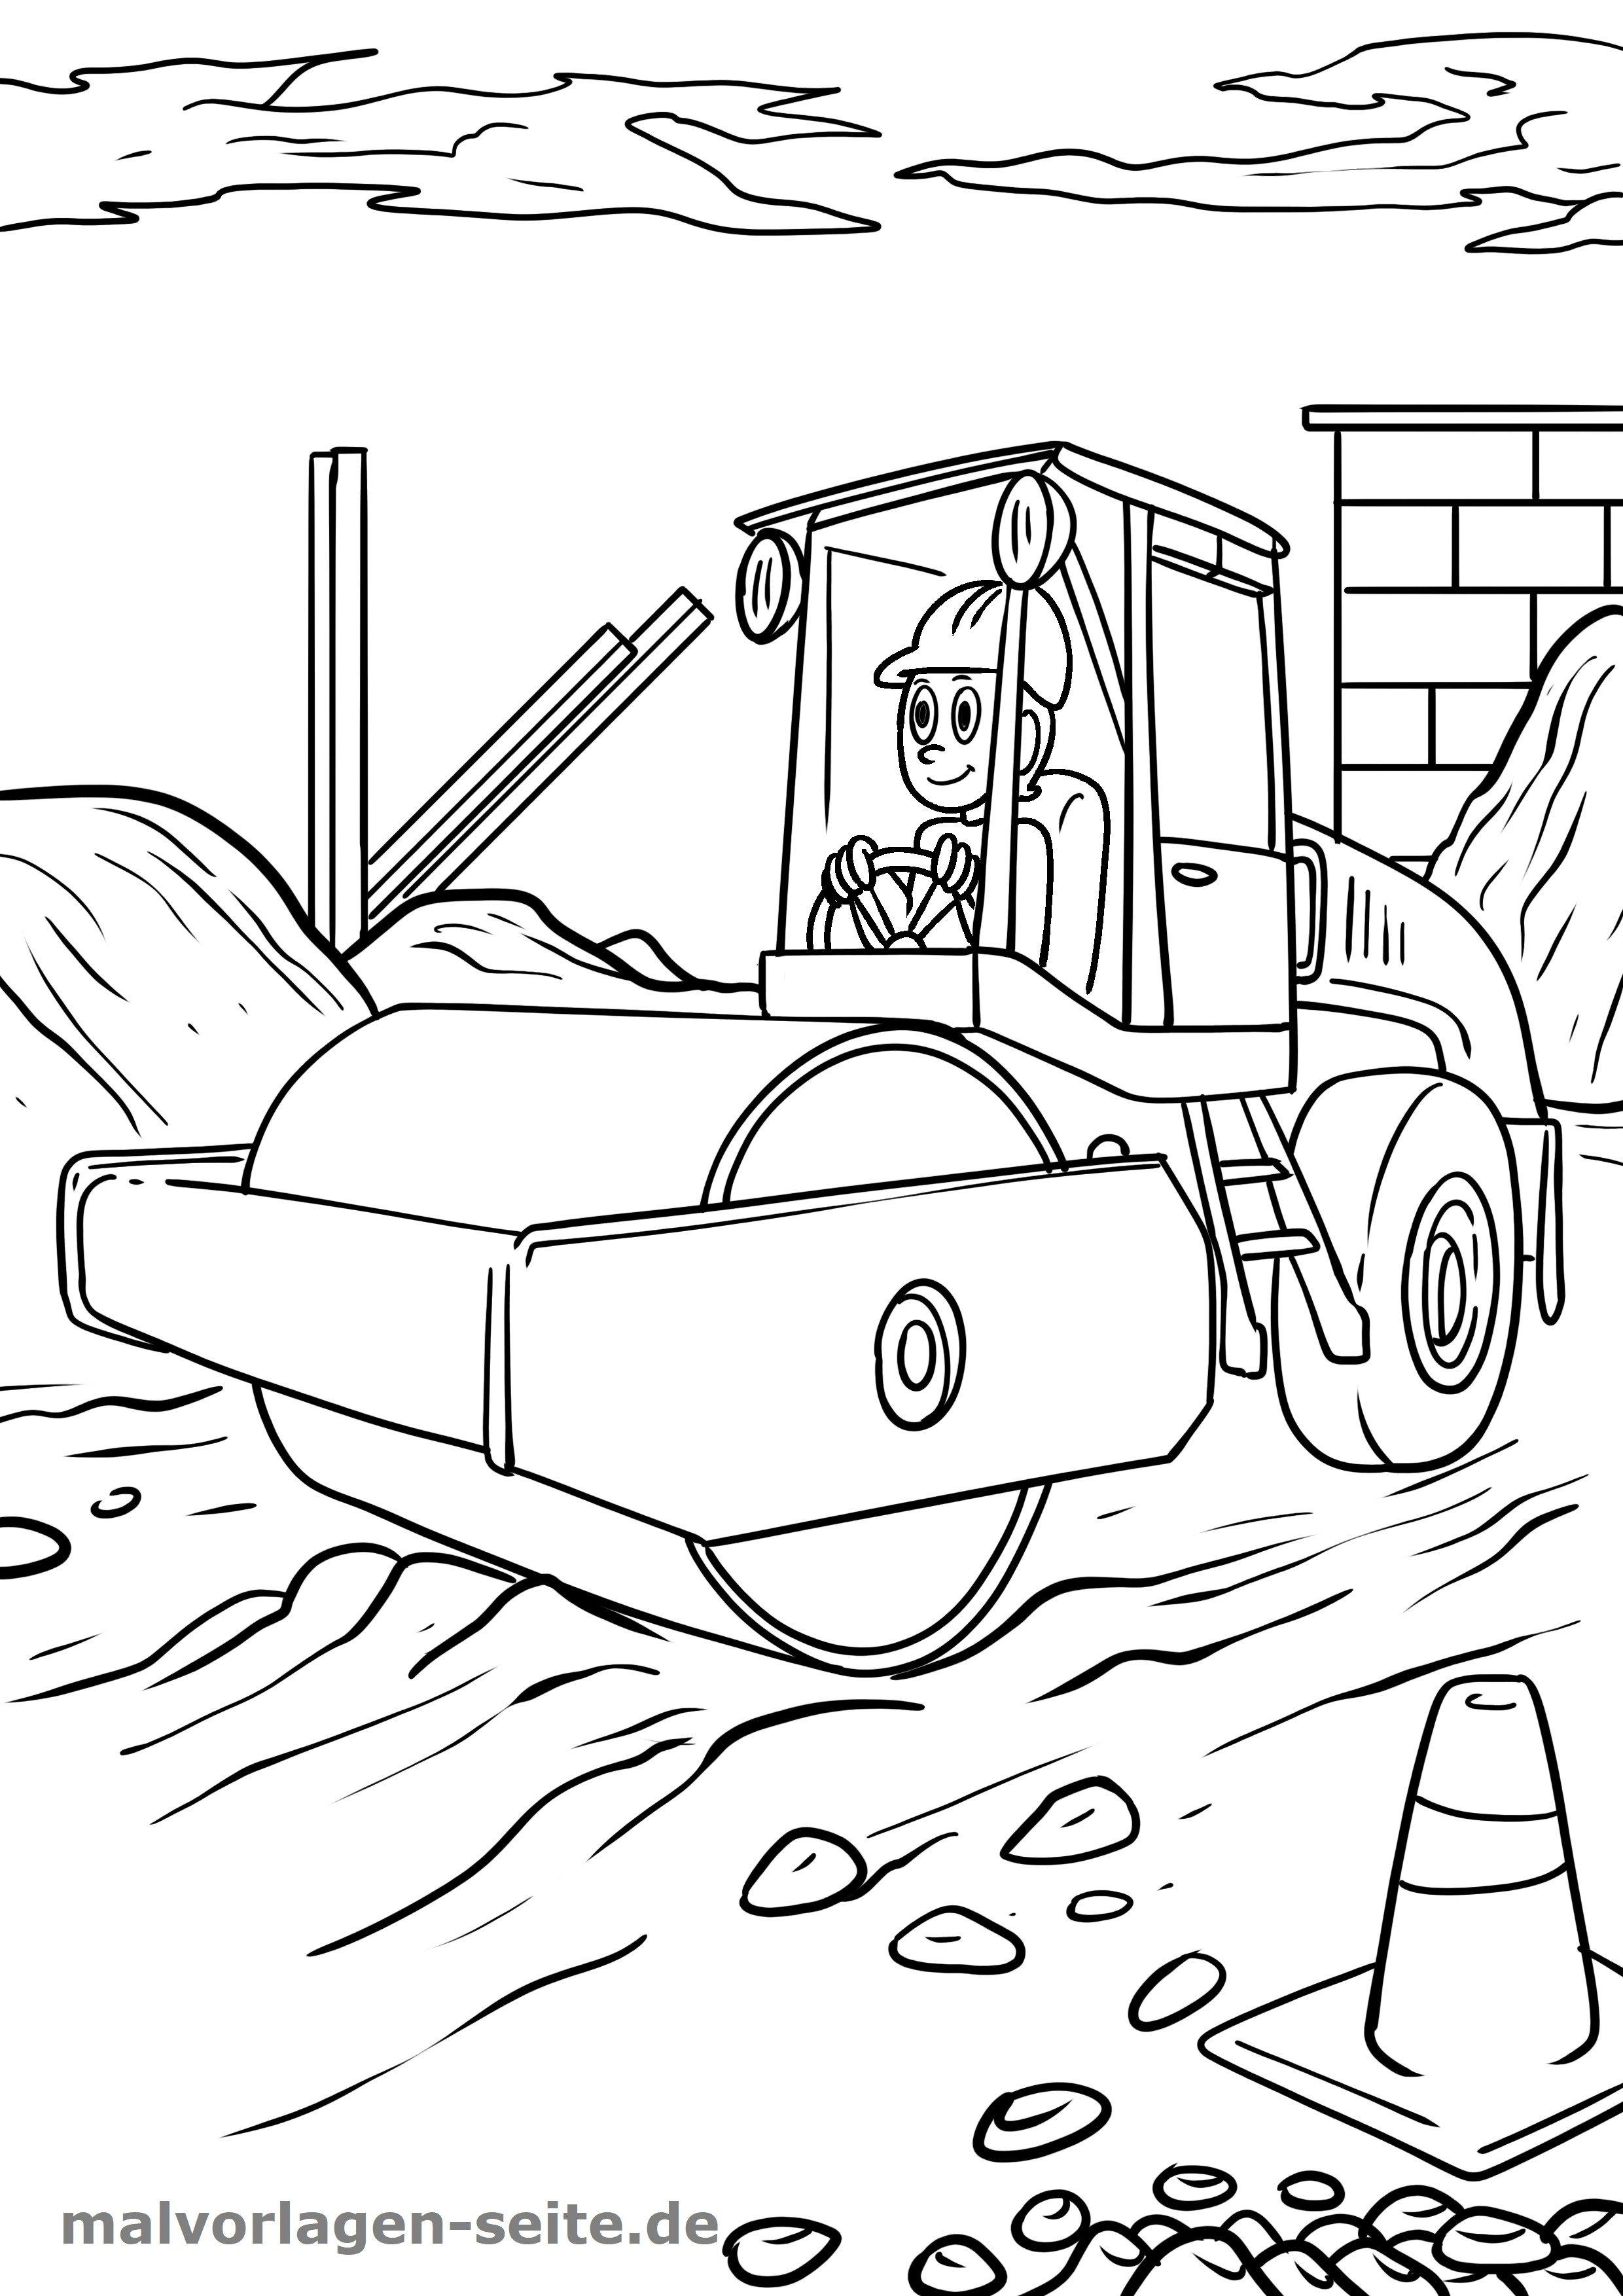 Malvorlage Baustelle Gratis Malvorlagen Zum Download